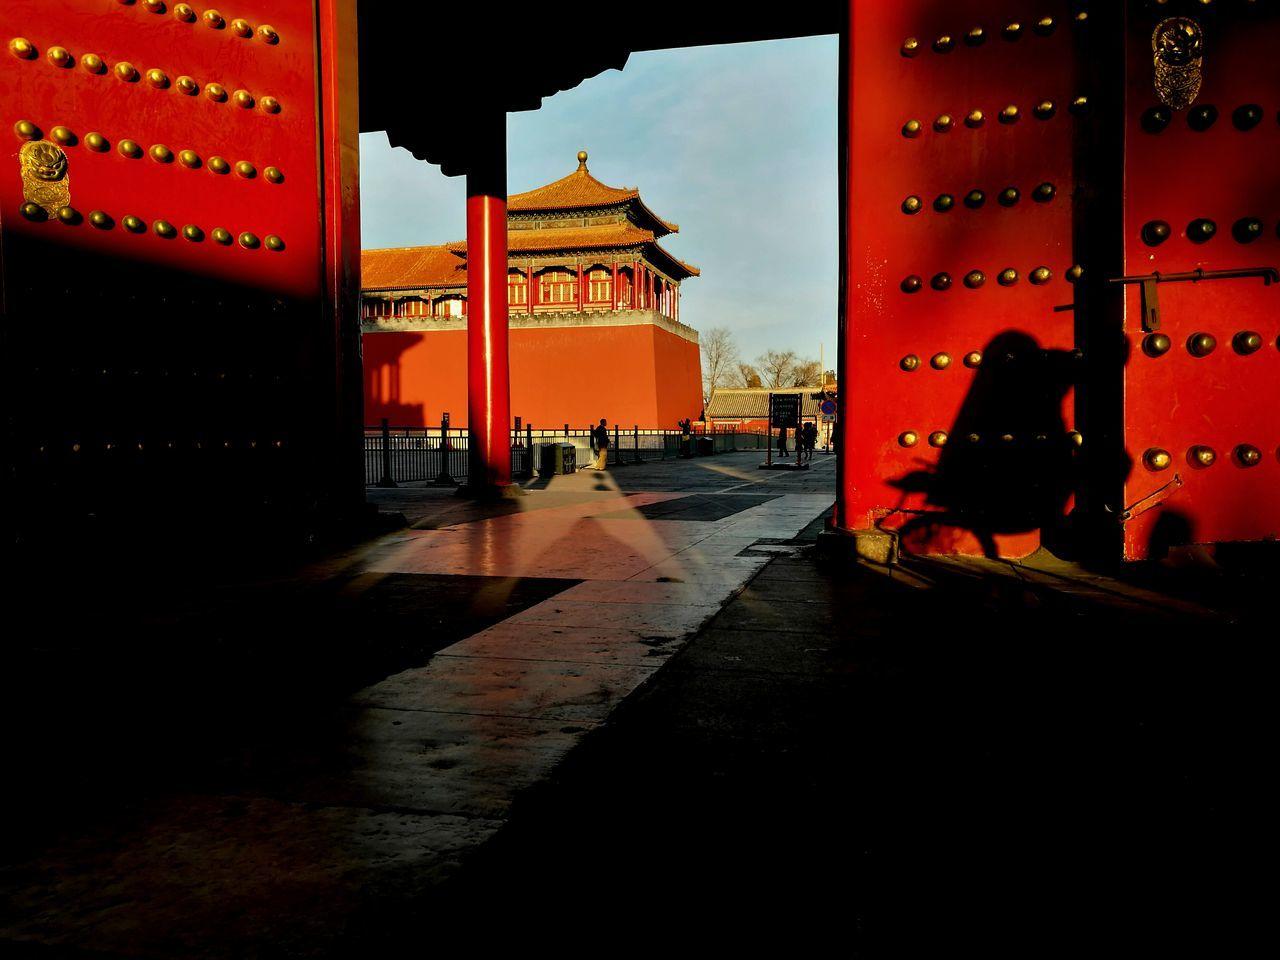 Photo credit: Xiaodong Wang #Lowlight